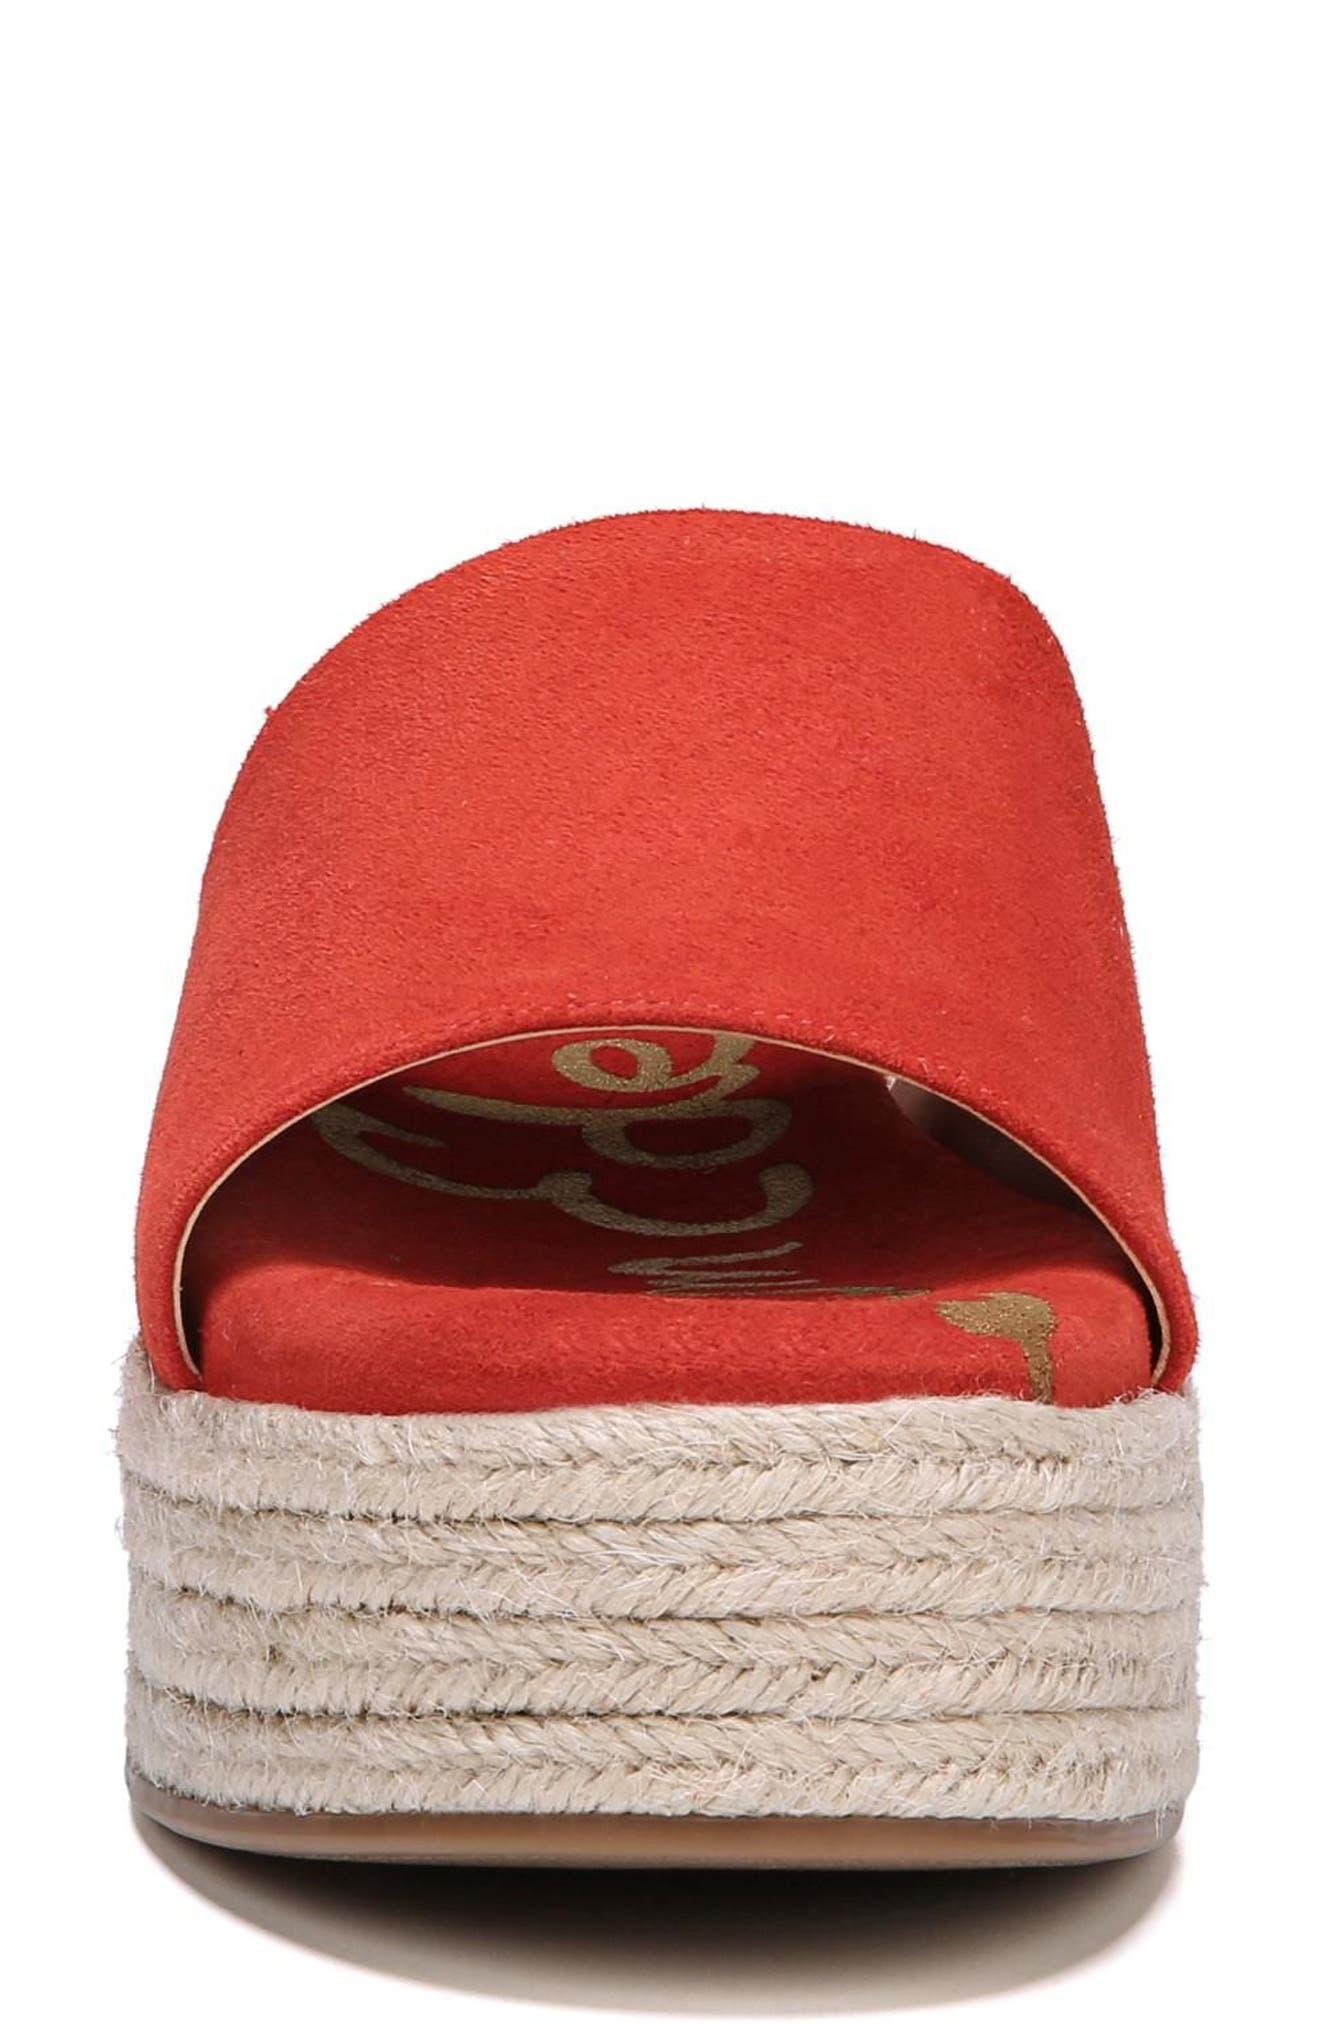 Weslee Platform Slide Sandal,                             Alternate thumbnail 4, color,                             Candy Red Suede